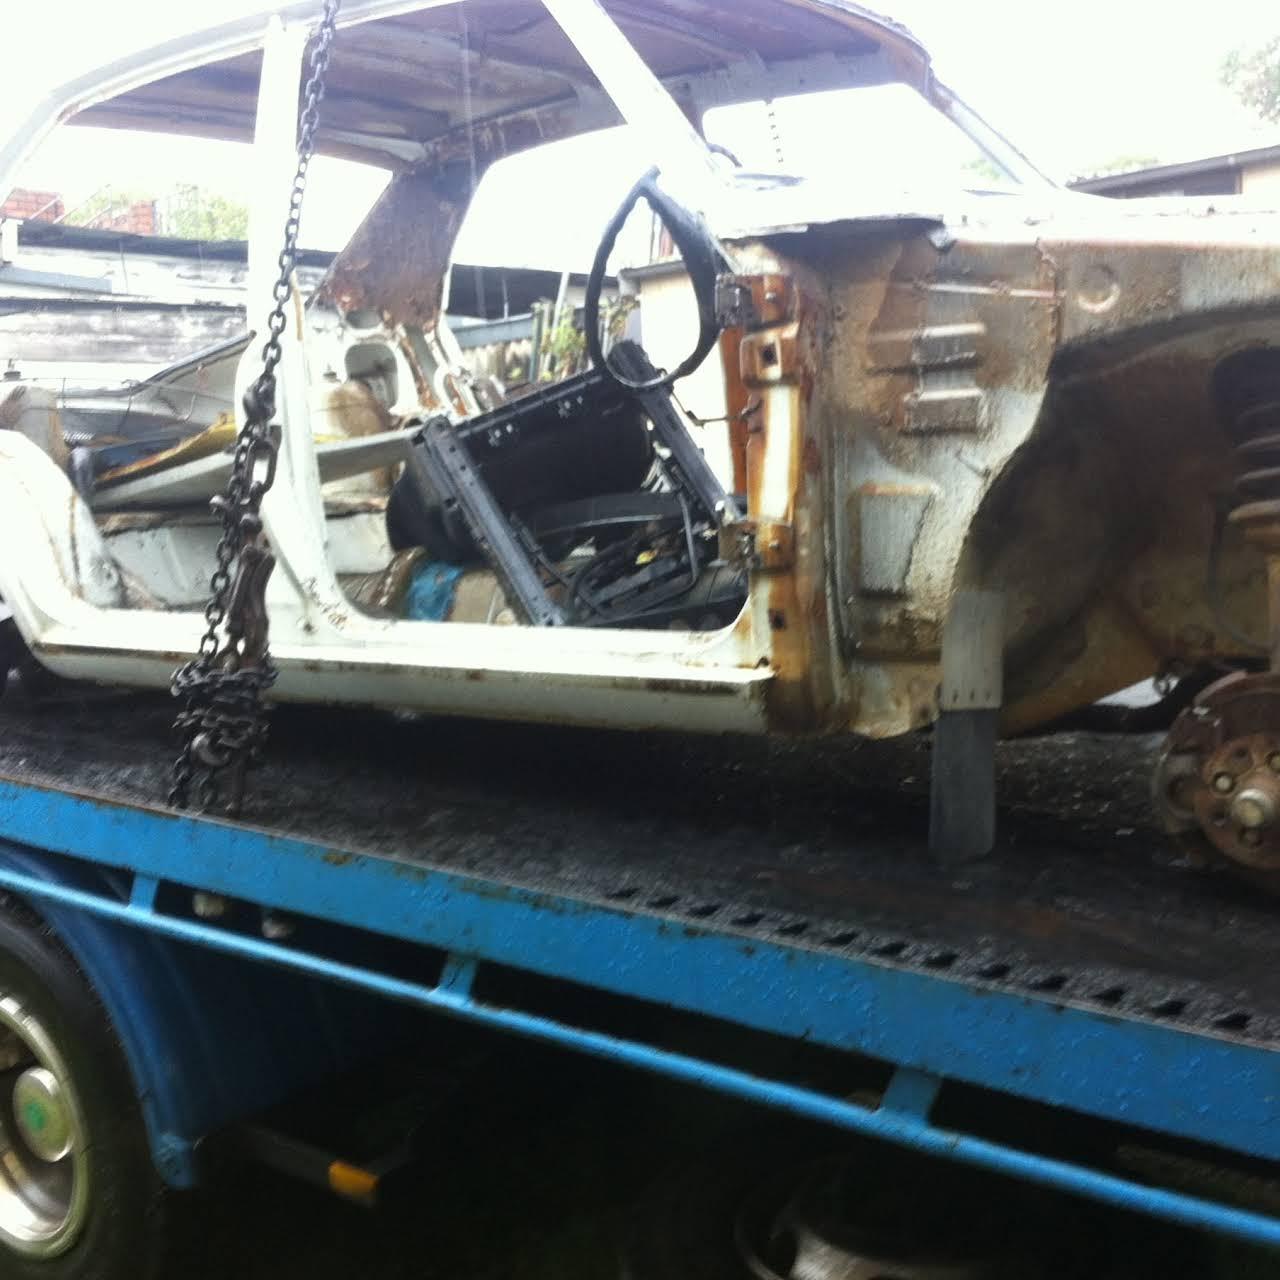 We Buy Scrap Cars Sydney - Scrap & Unwanted Car Removal Service in ...